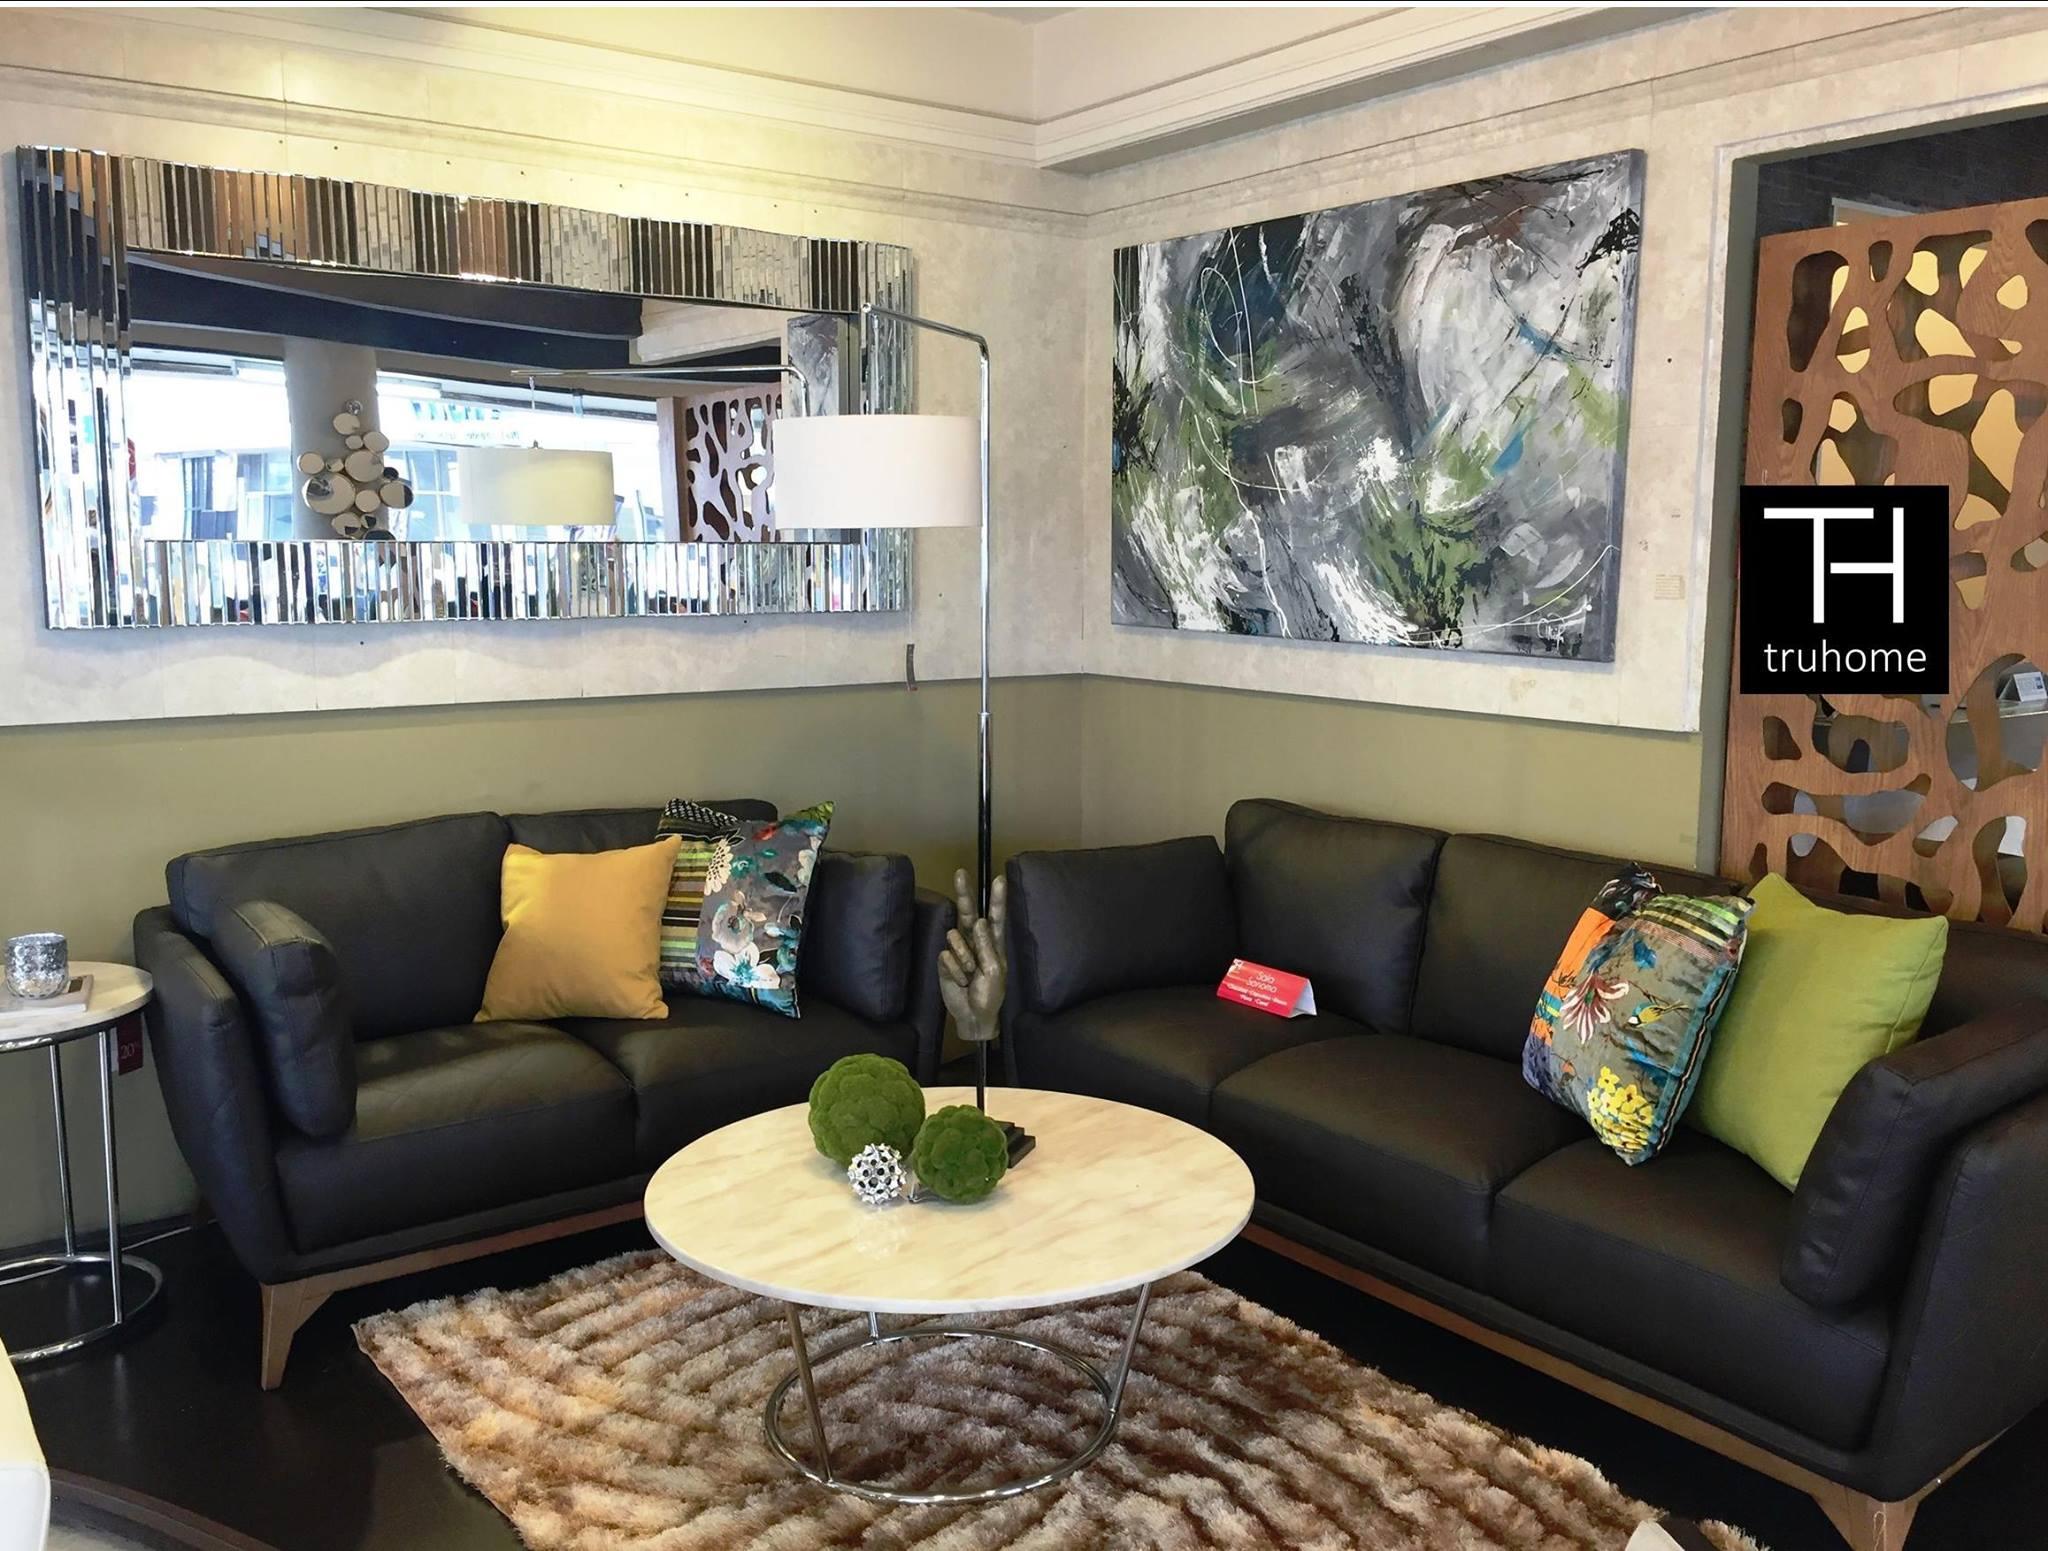 Tendencias en decoracion con cuadros al oleo 13 - Decoracion de interiores con cuadros ...